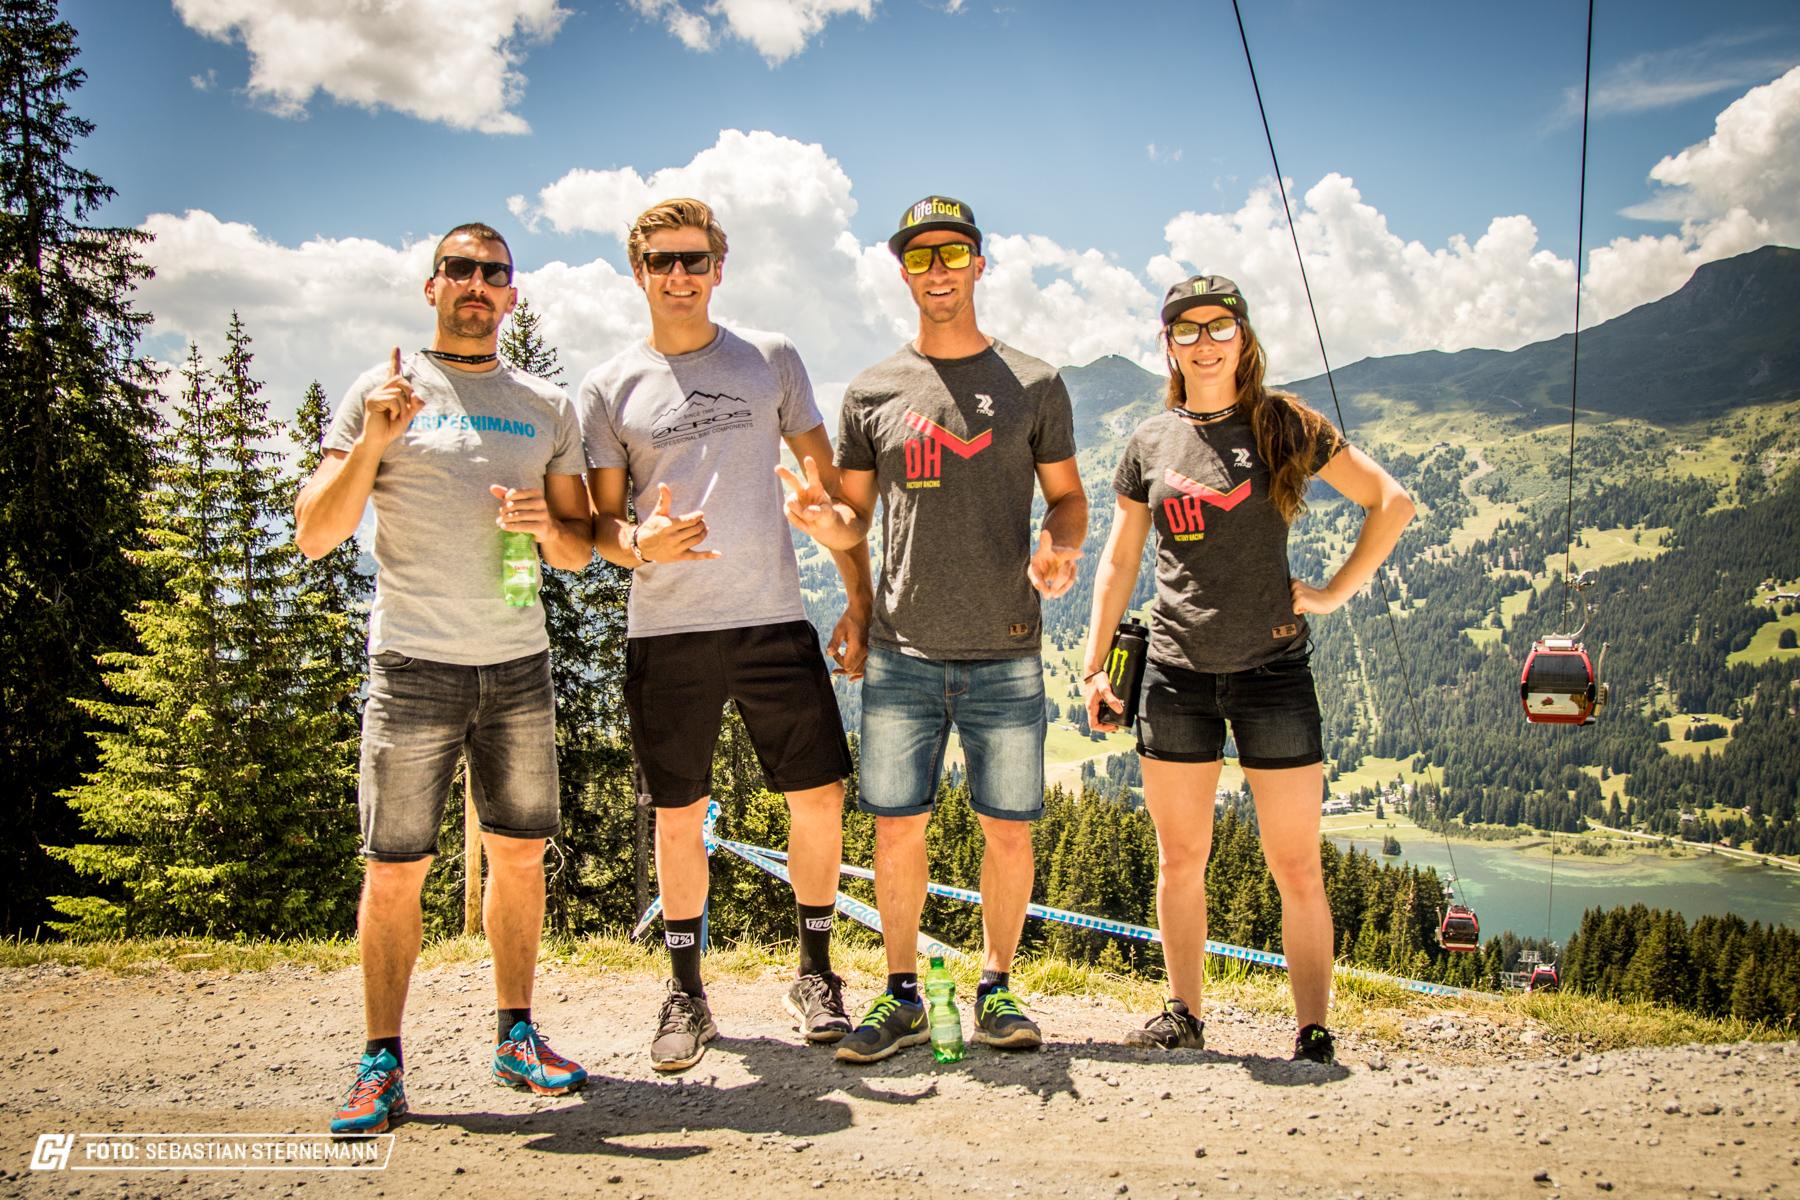 Das Radon Downhill Team sammelt natürlich ebenfalls die ersten Eindrücke.